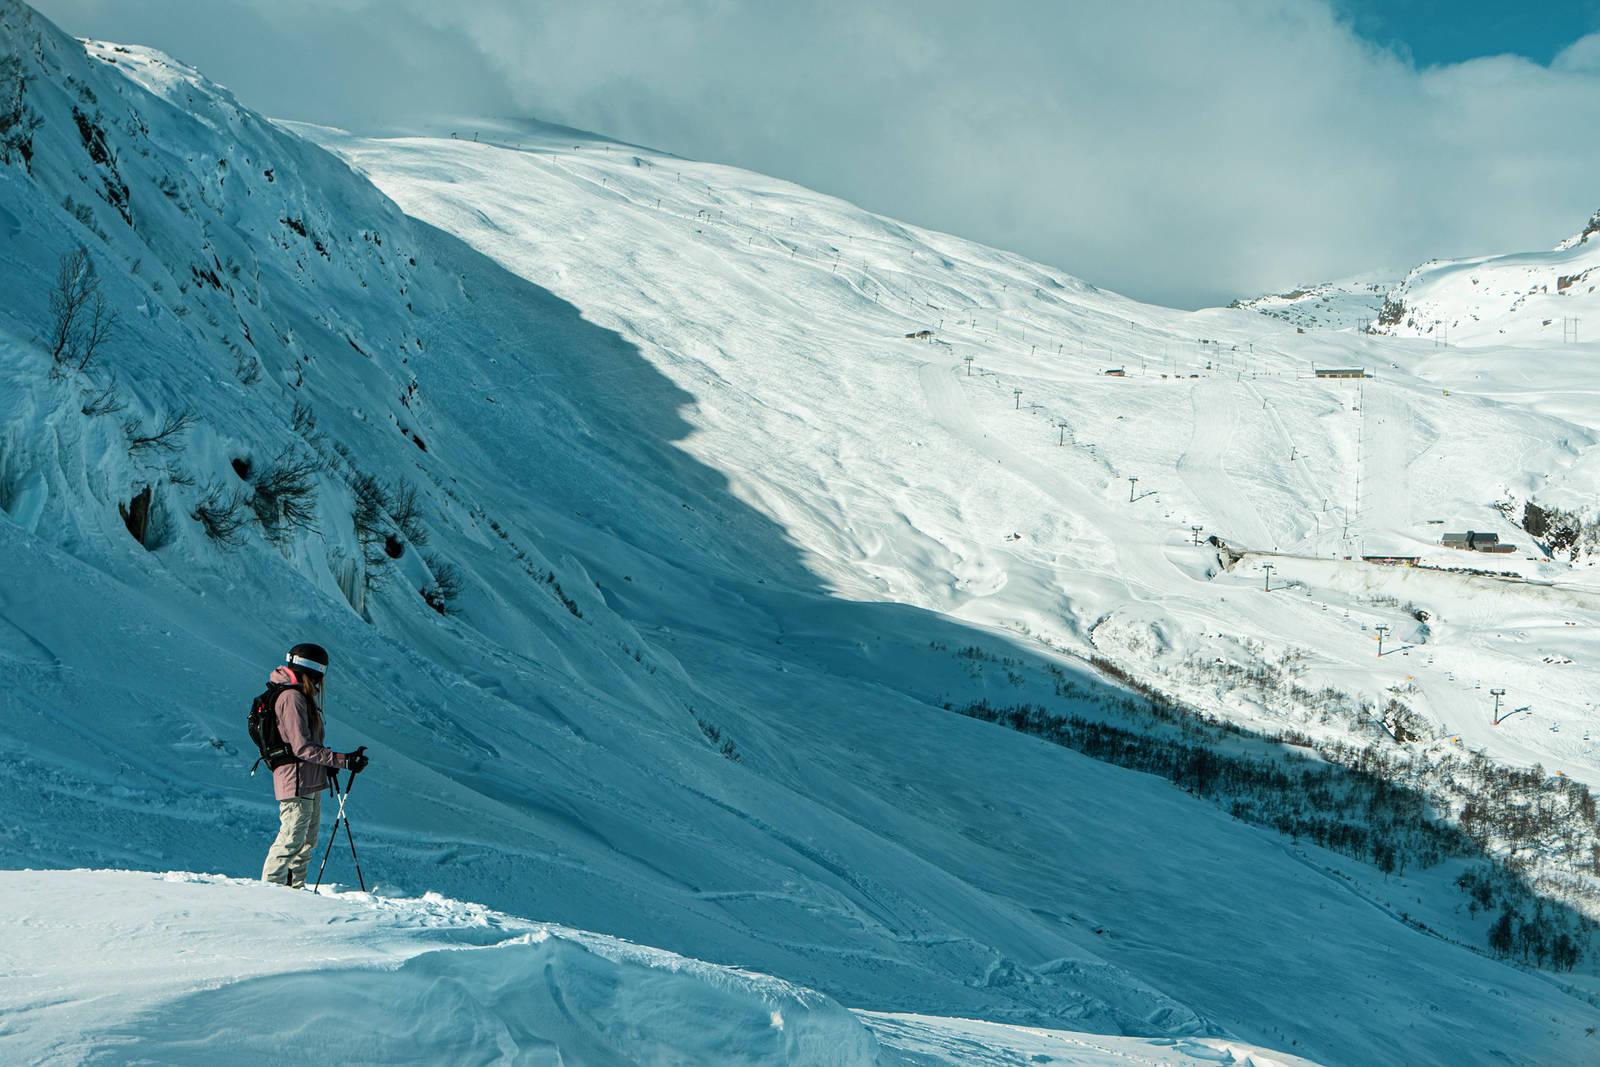 Det lokale frikjøringstalentet Kamilla Bratteteig er fra Røldal kjenner disse fjellene bedre enn de fleste. Bilde: Christian Nerdrum